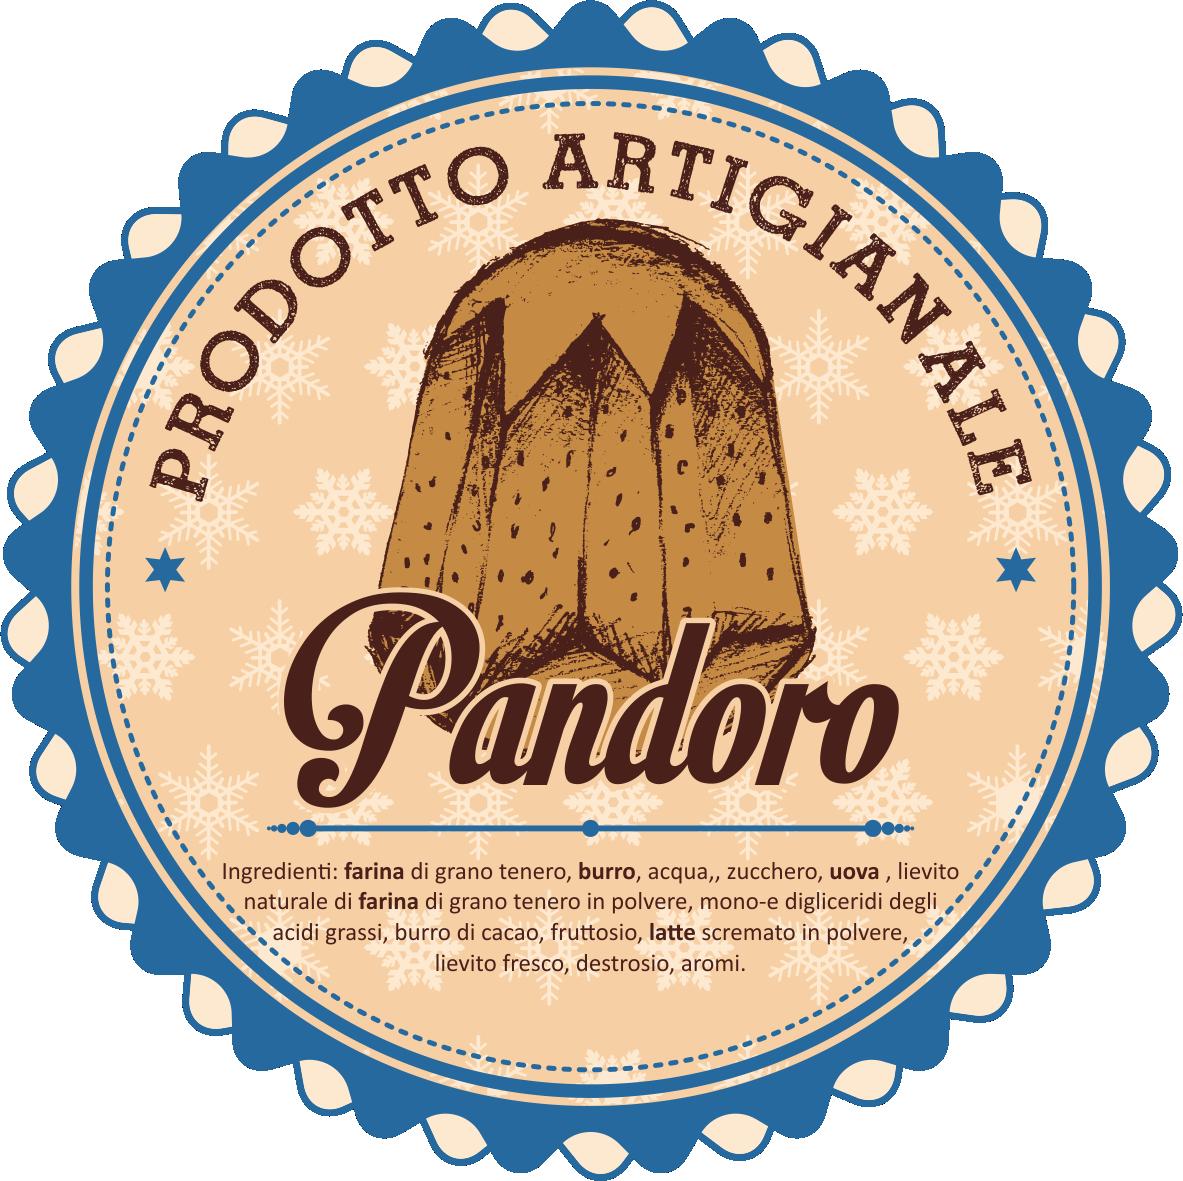 etichetta-pandoro-il-ducale